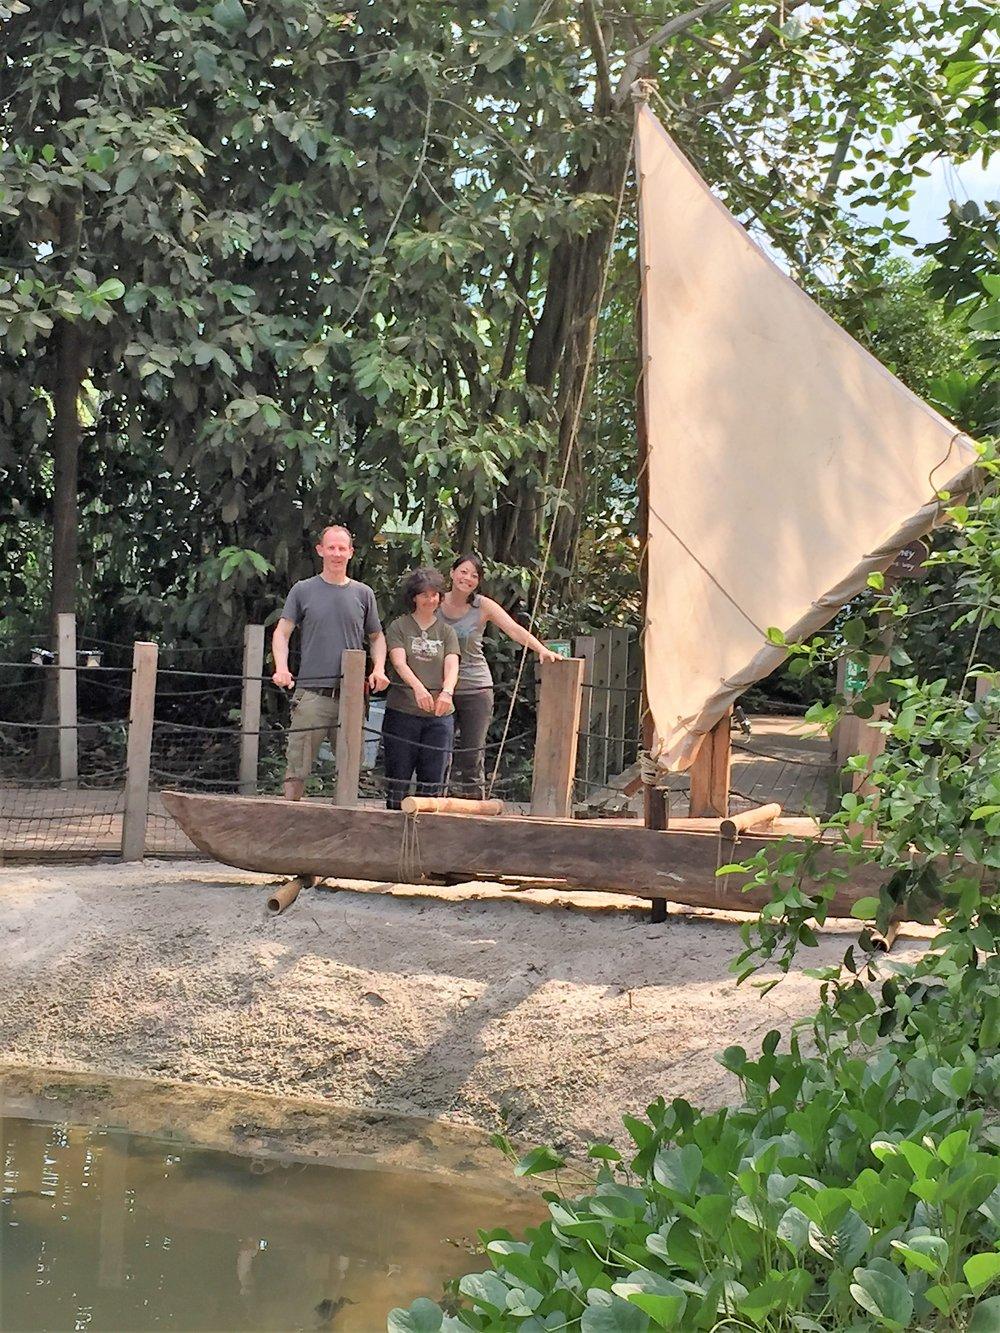 Eden-canoe.jpg